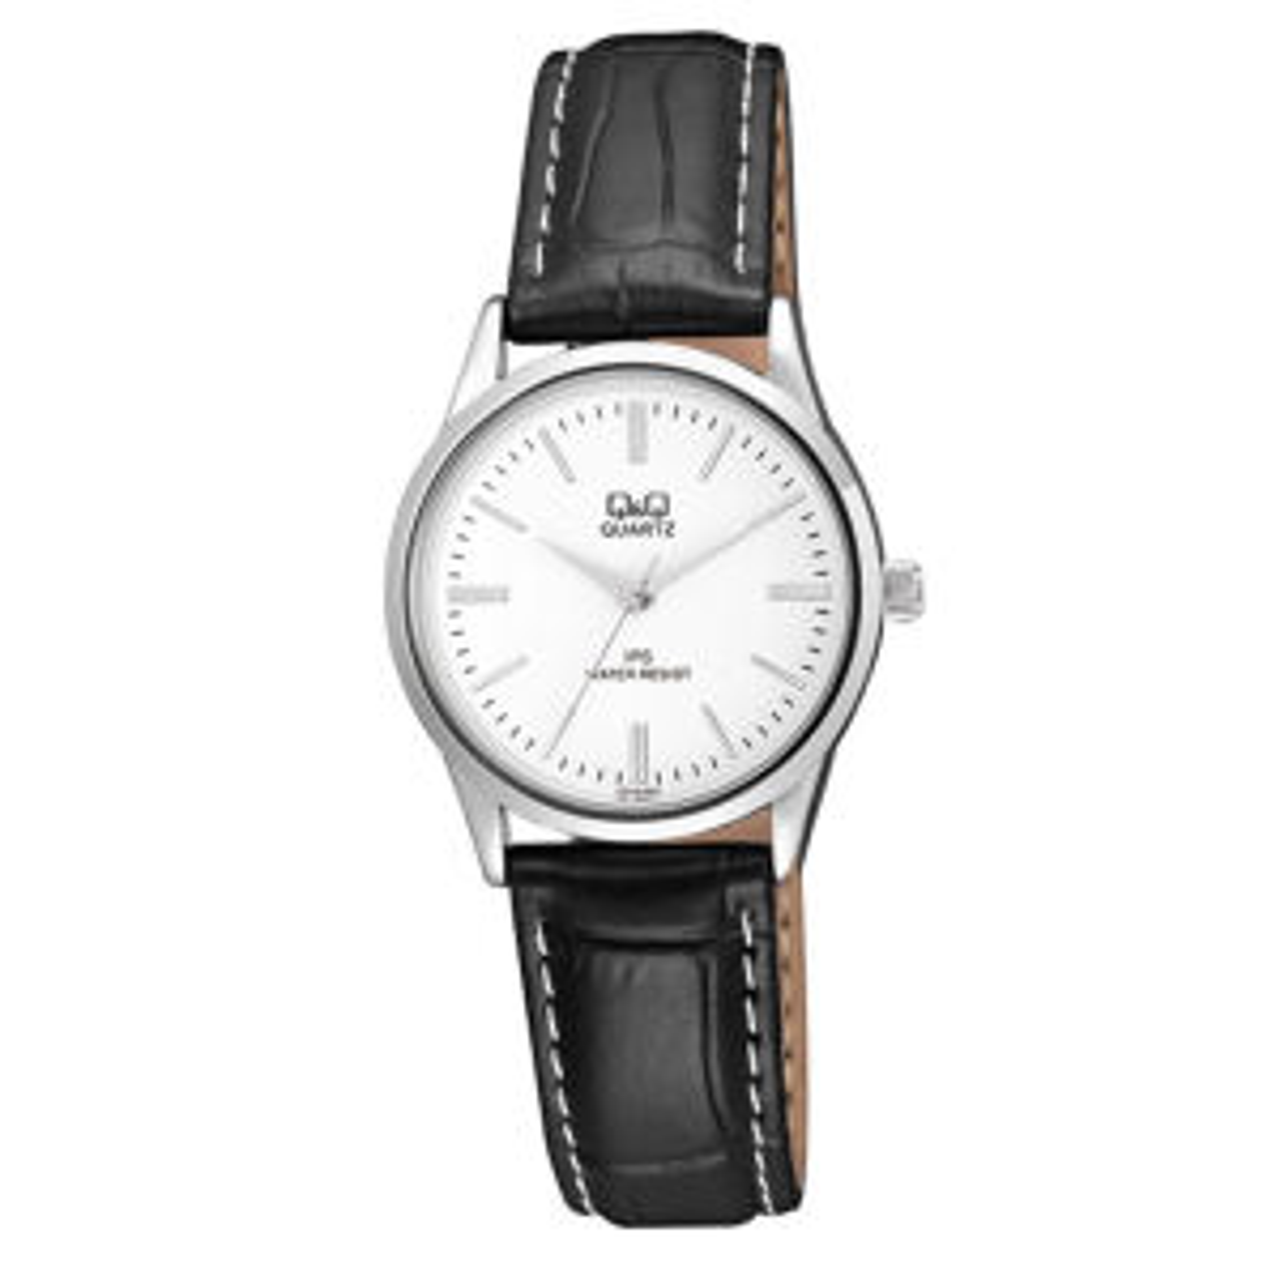 خرید ساعت مچی عقربه ای زنانه کیو اند کیو مدل c215j301y به همراه دستمال مخصوص کلین واچ